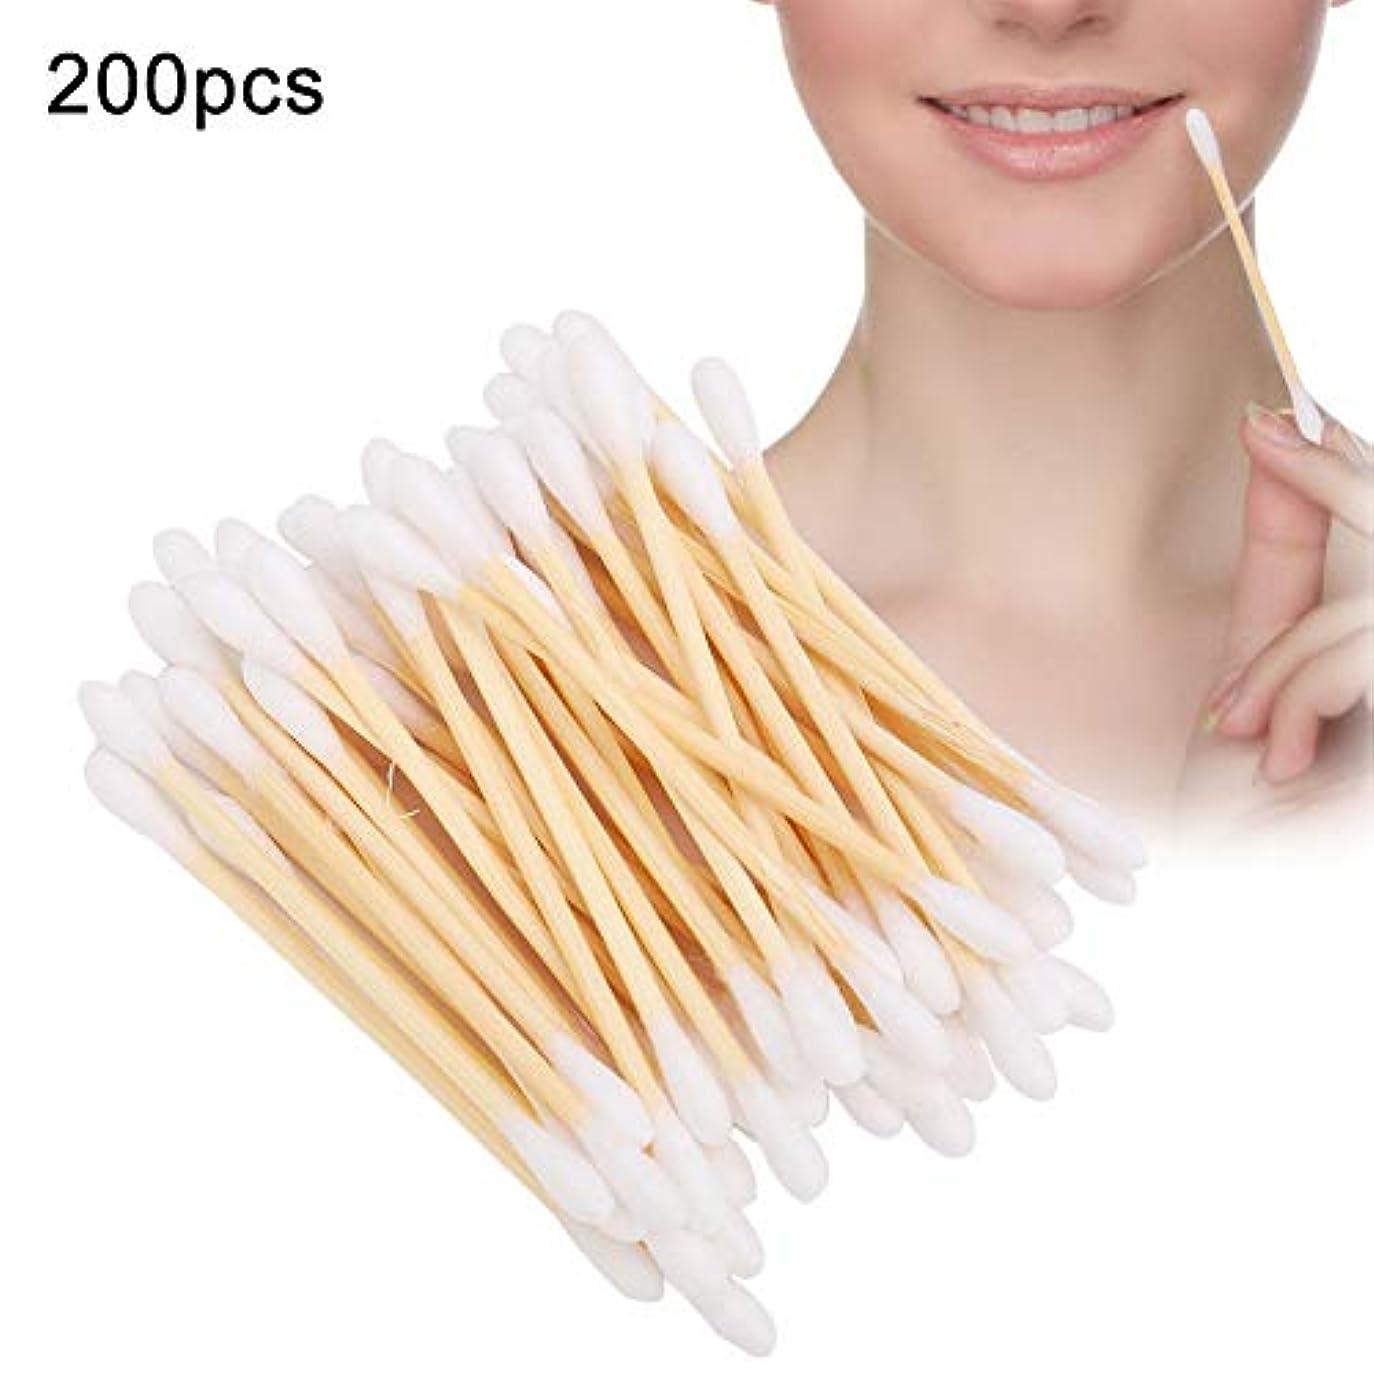 病弱適用済み柱200Pcs二重ヘッド構造の綿棒綿棒、タケ木棒のクリーニング